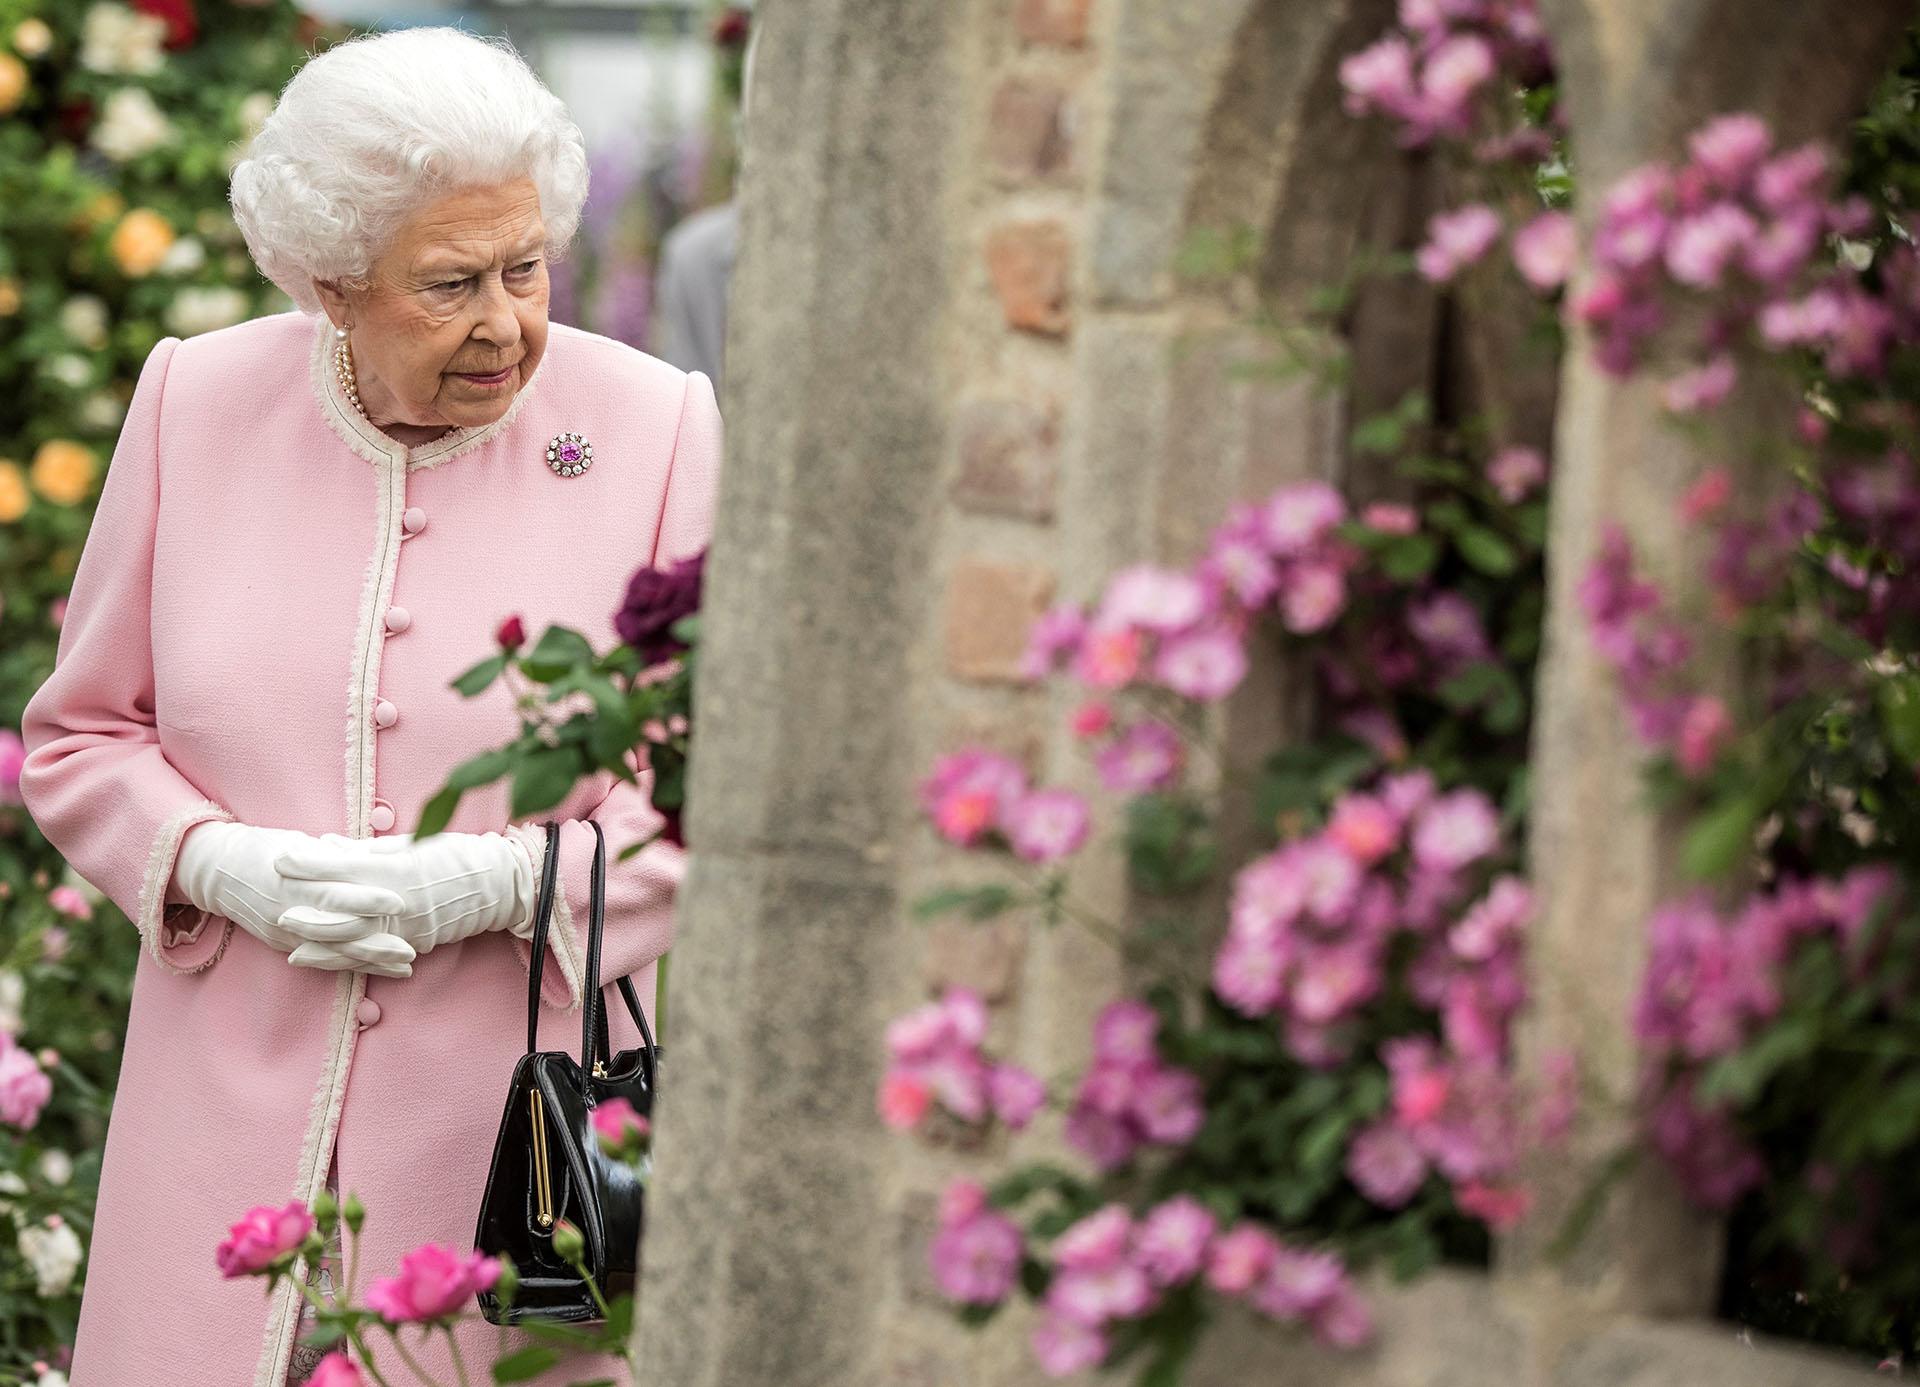 La semana pasada, eligió un look monocromo verde con detalles en violeta en el sombrero para la boda de su nieto, el príncipe Harry